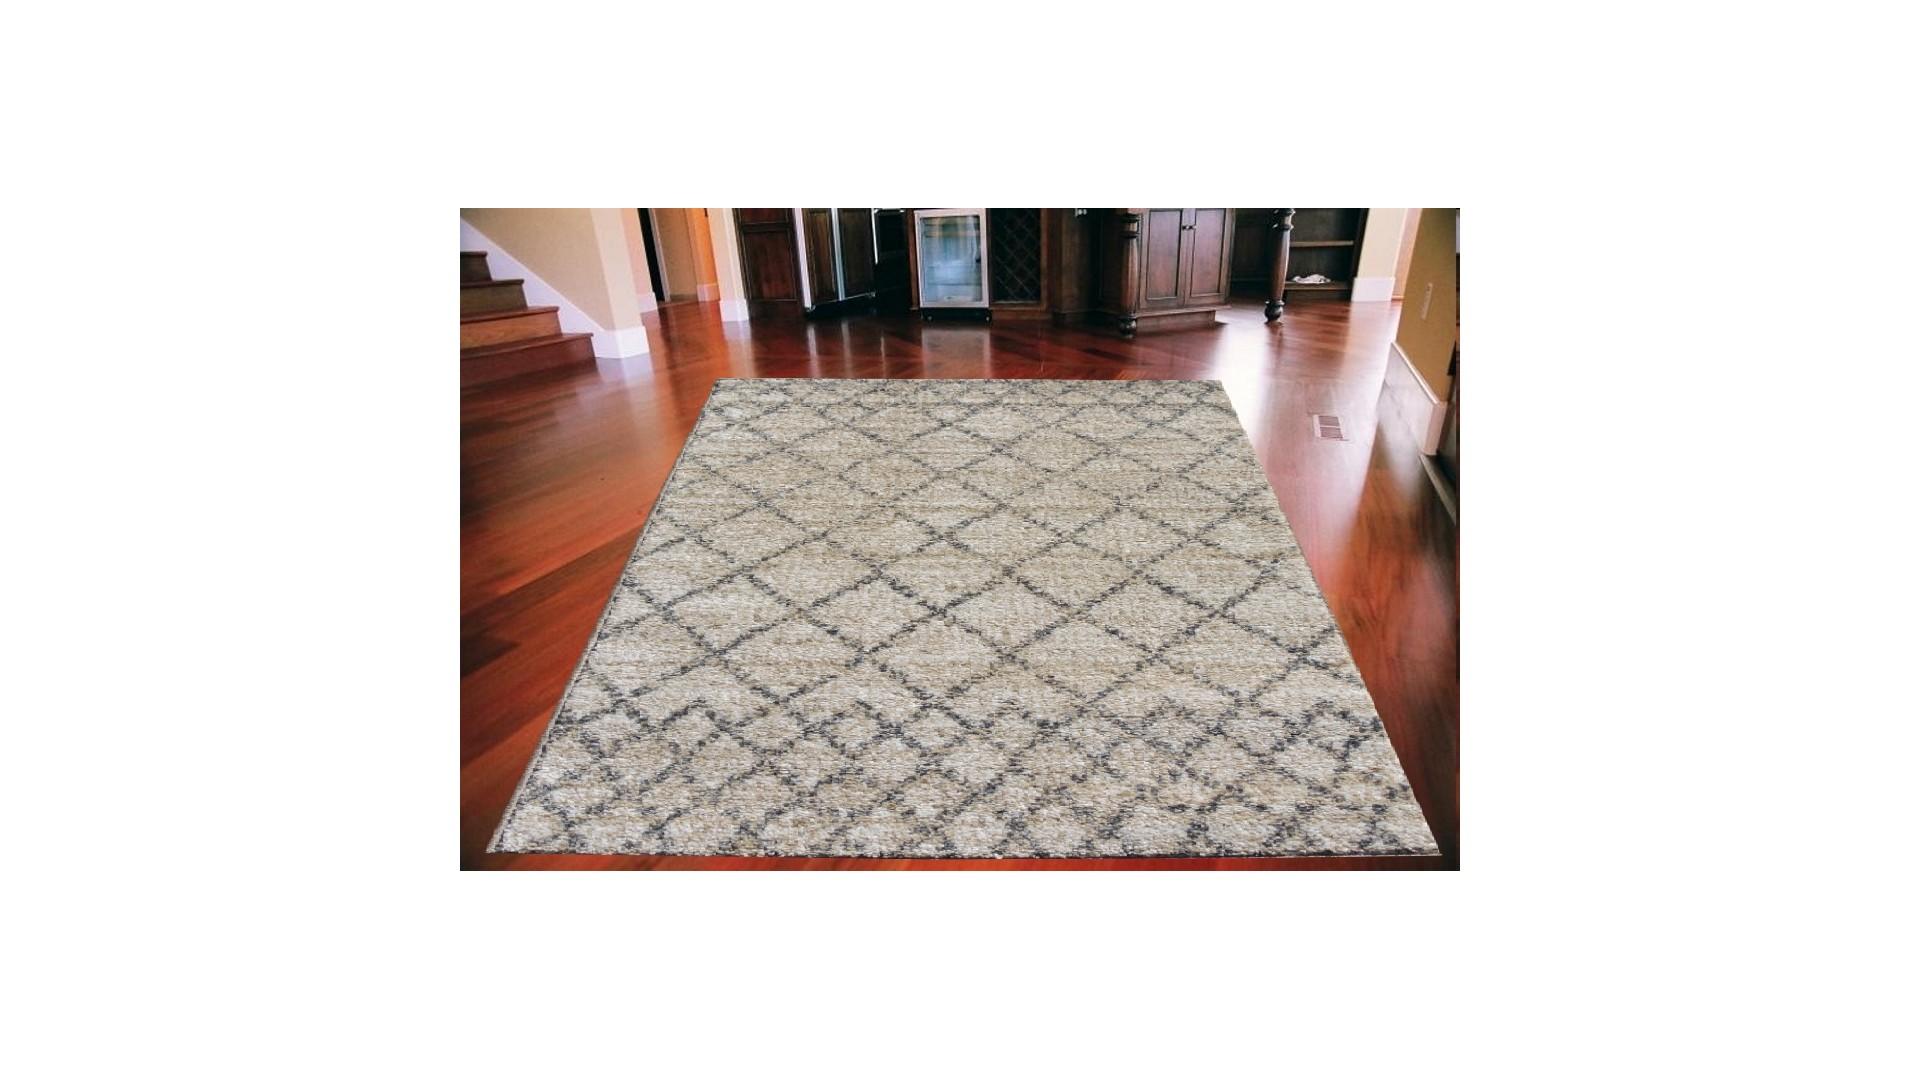 Ładny dywan do salonu.